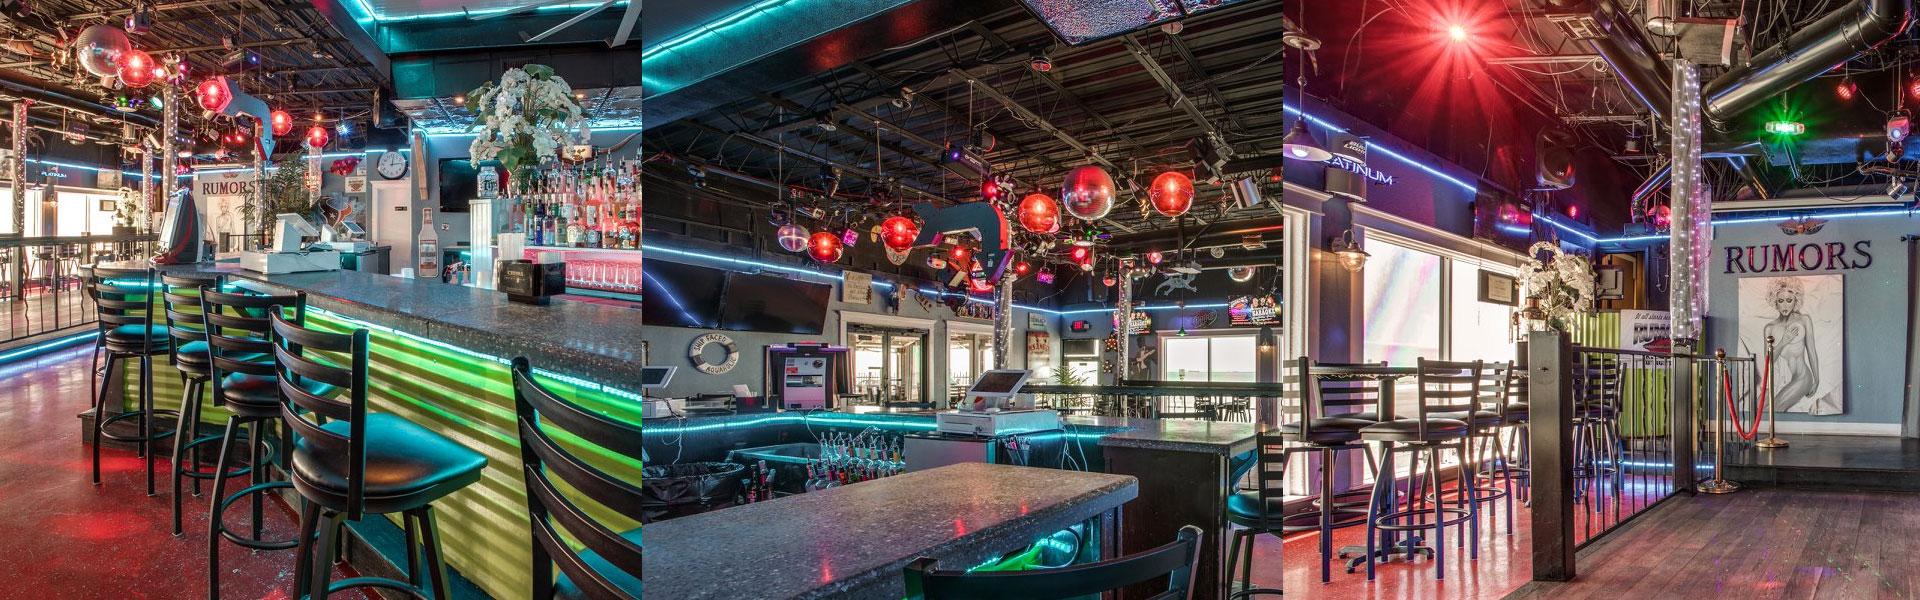 Rumors Beach Bar, Galveston TX